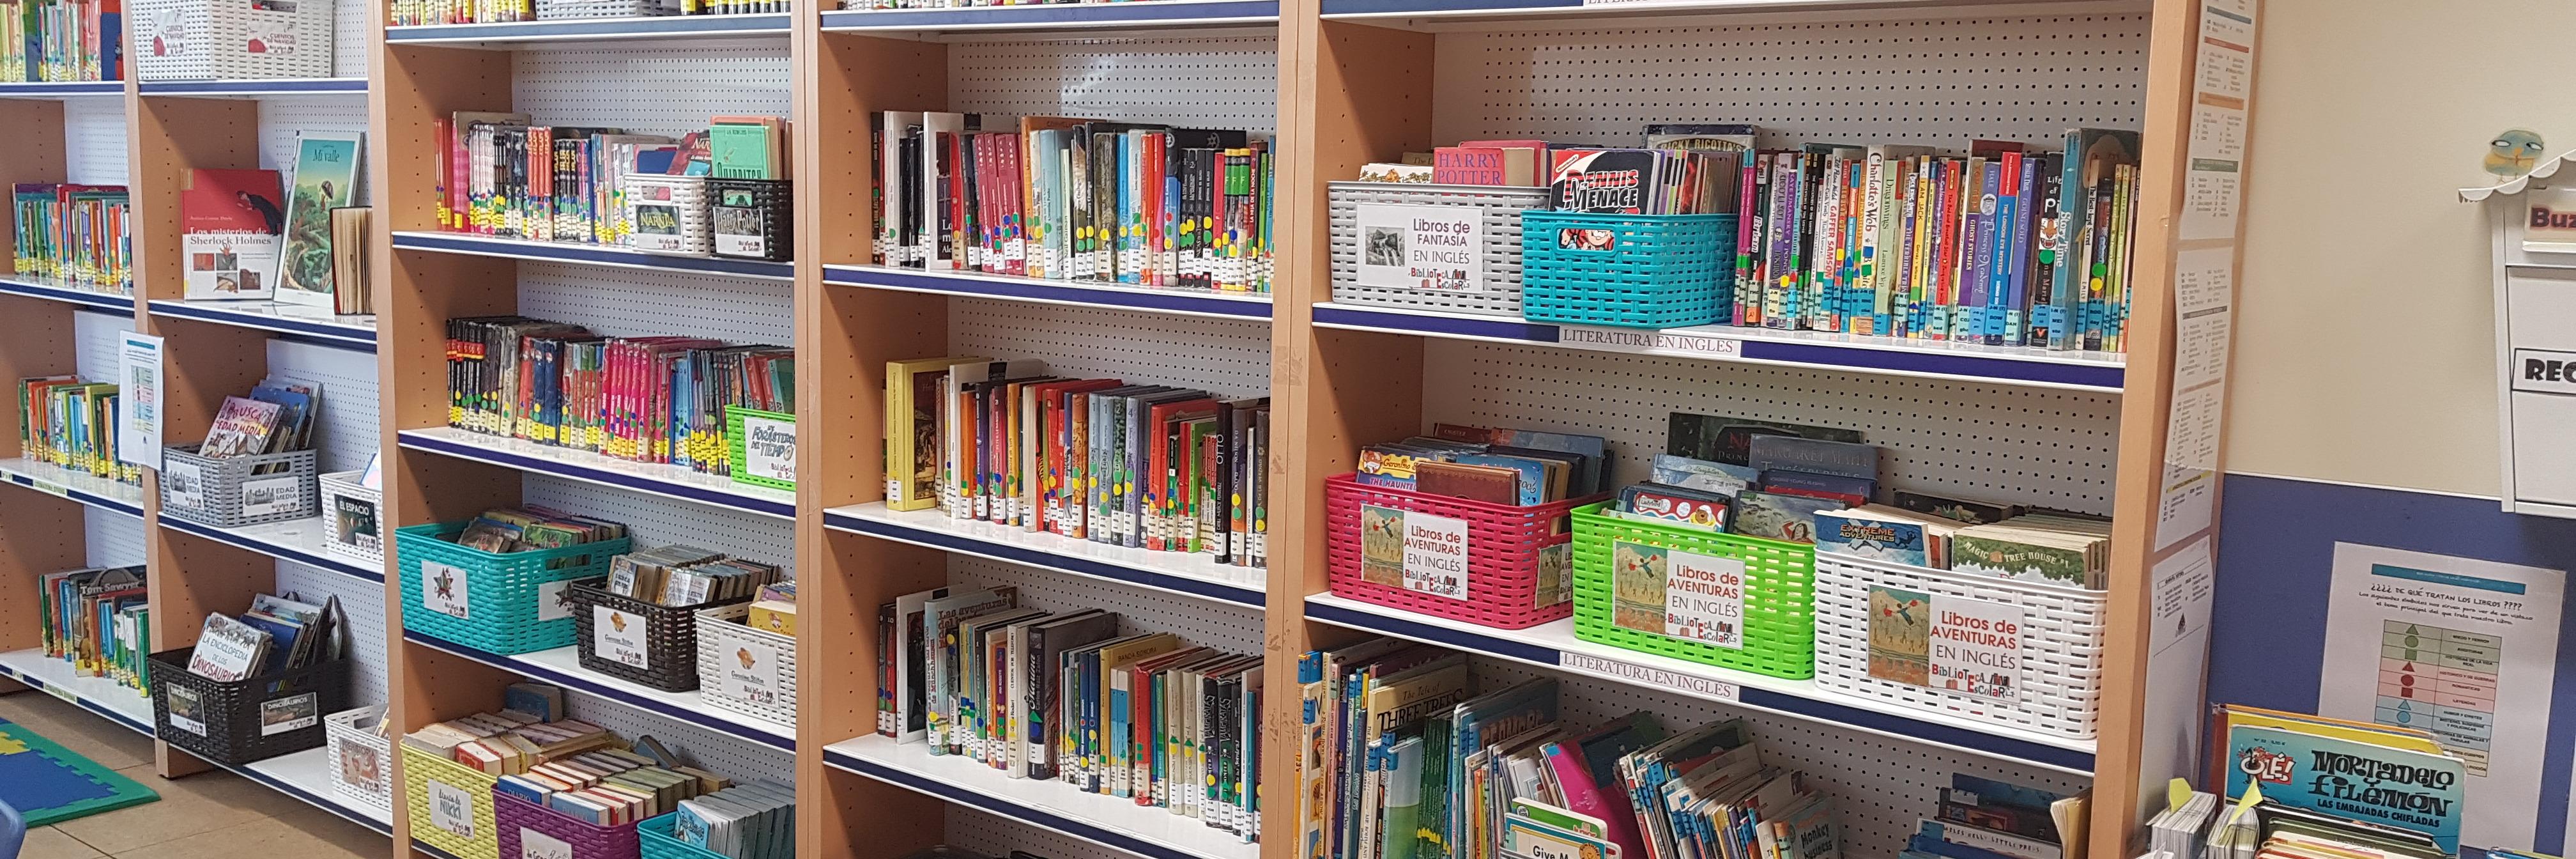 ¡Qué bien!, los alumnos de Primaria encuentran los libros y cuentos que les gusta en la biblioteca